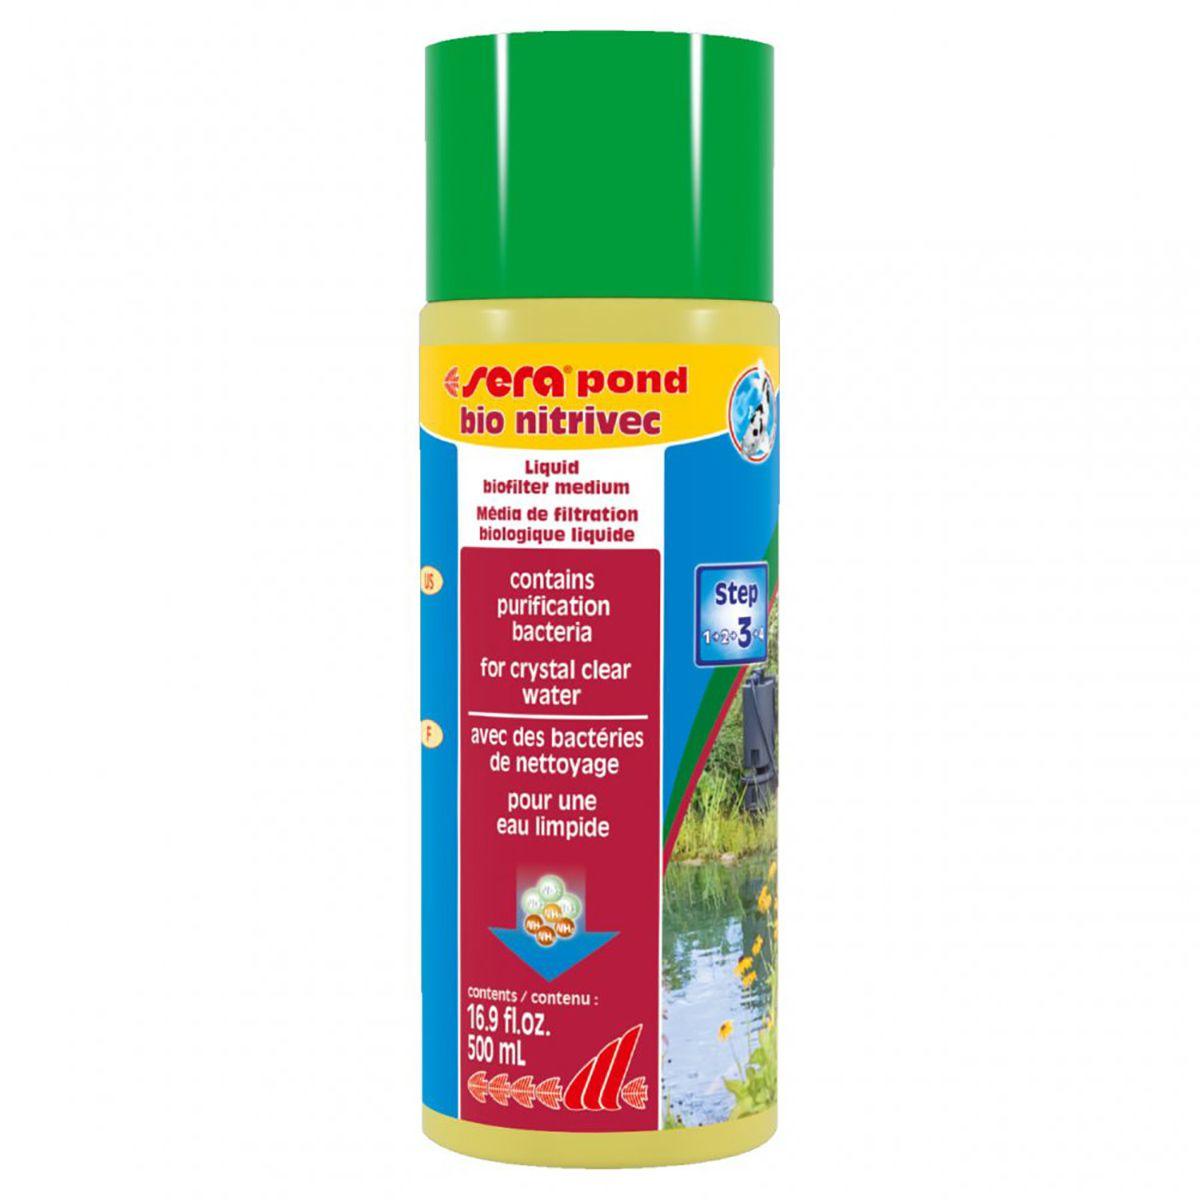 Material Filtrante Líquido Sera Pond Bio Nitrivec 500ml